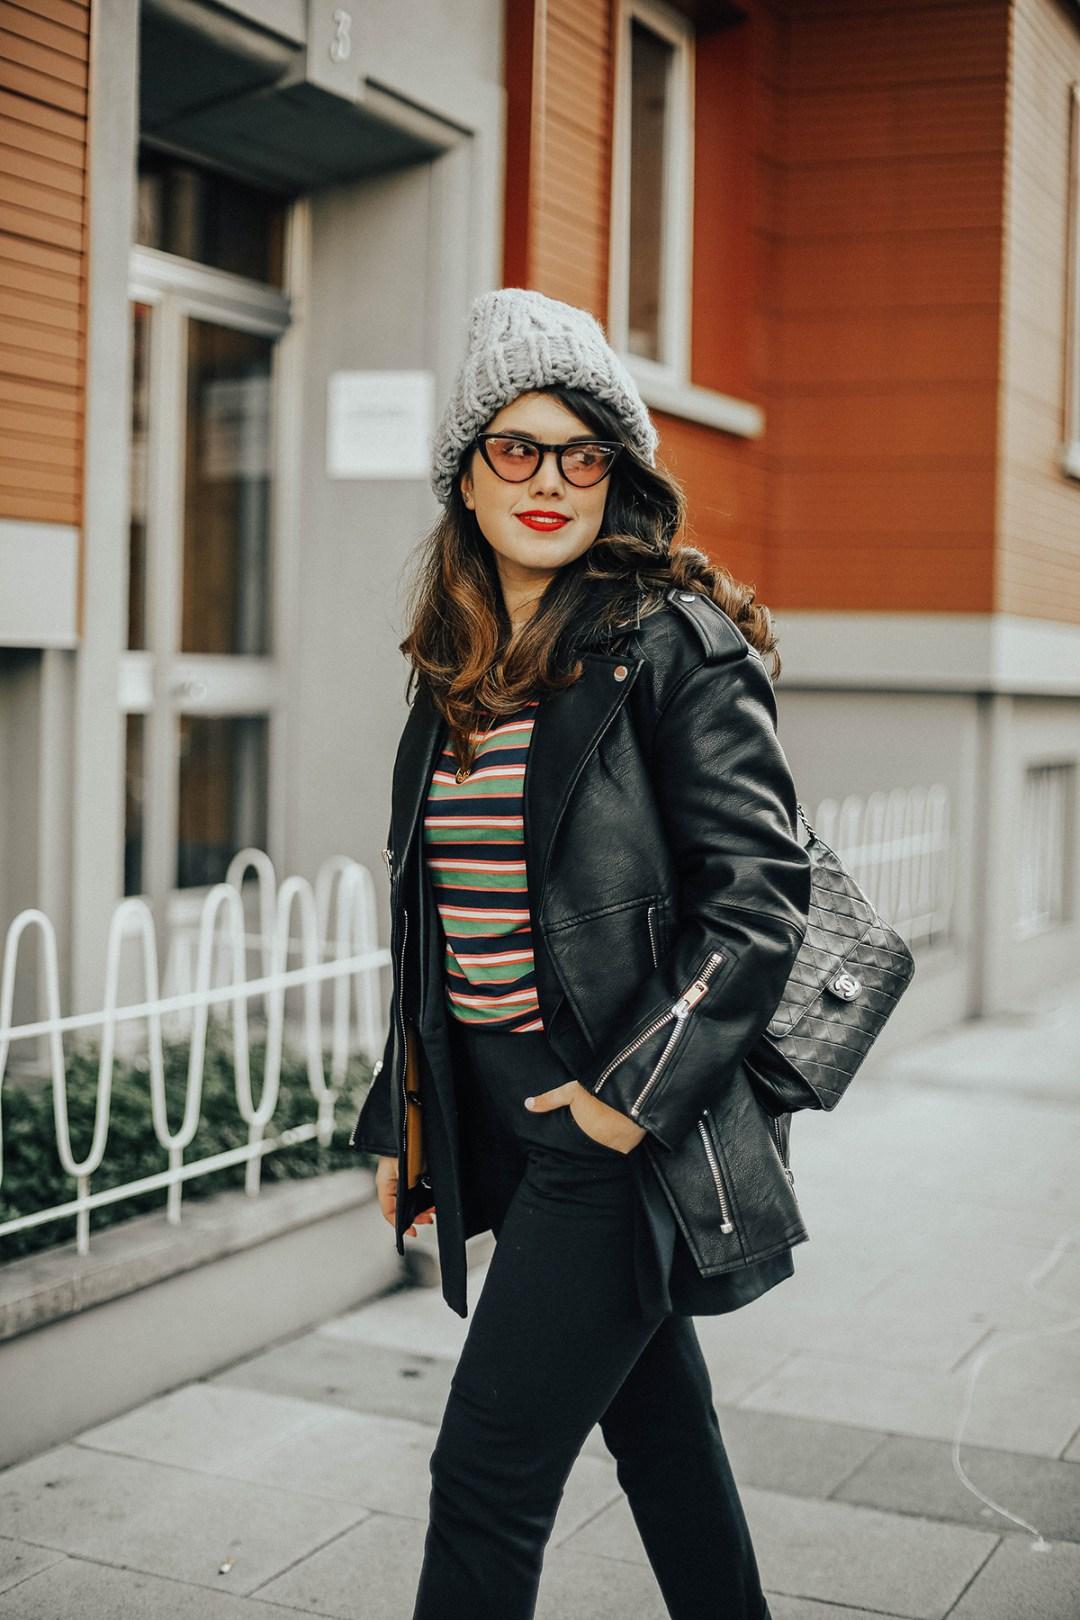 gigi-x-vogue-eyewear-cat-eye-sunglasses-streetstyle-myblueberrynightsblog2